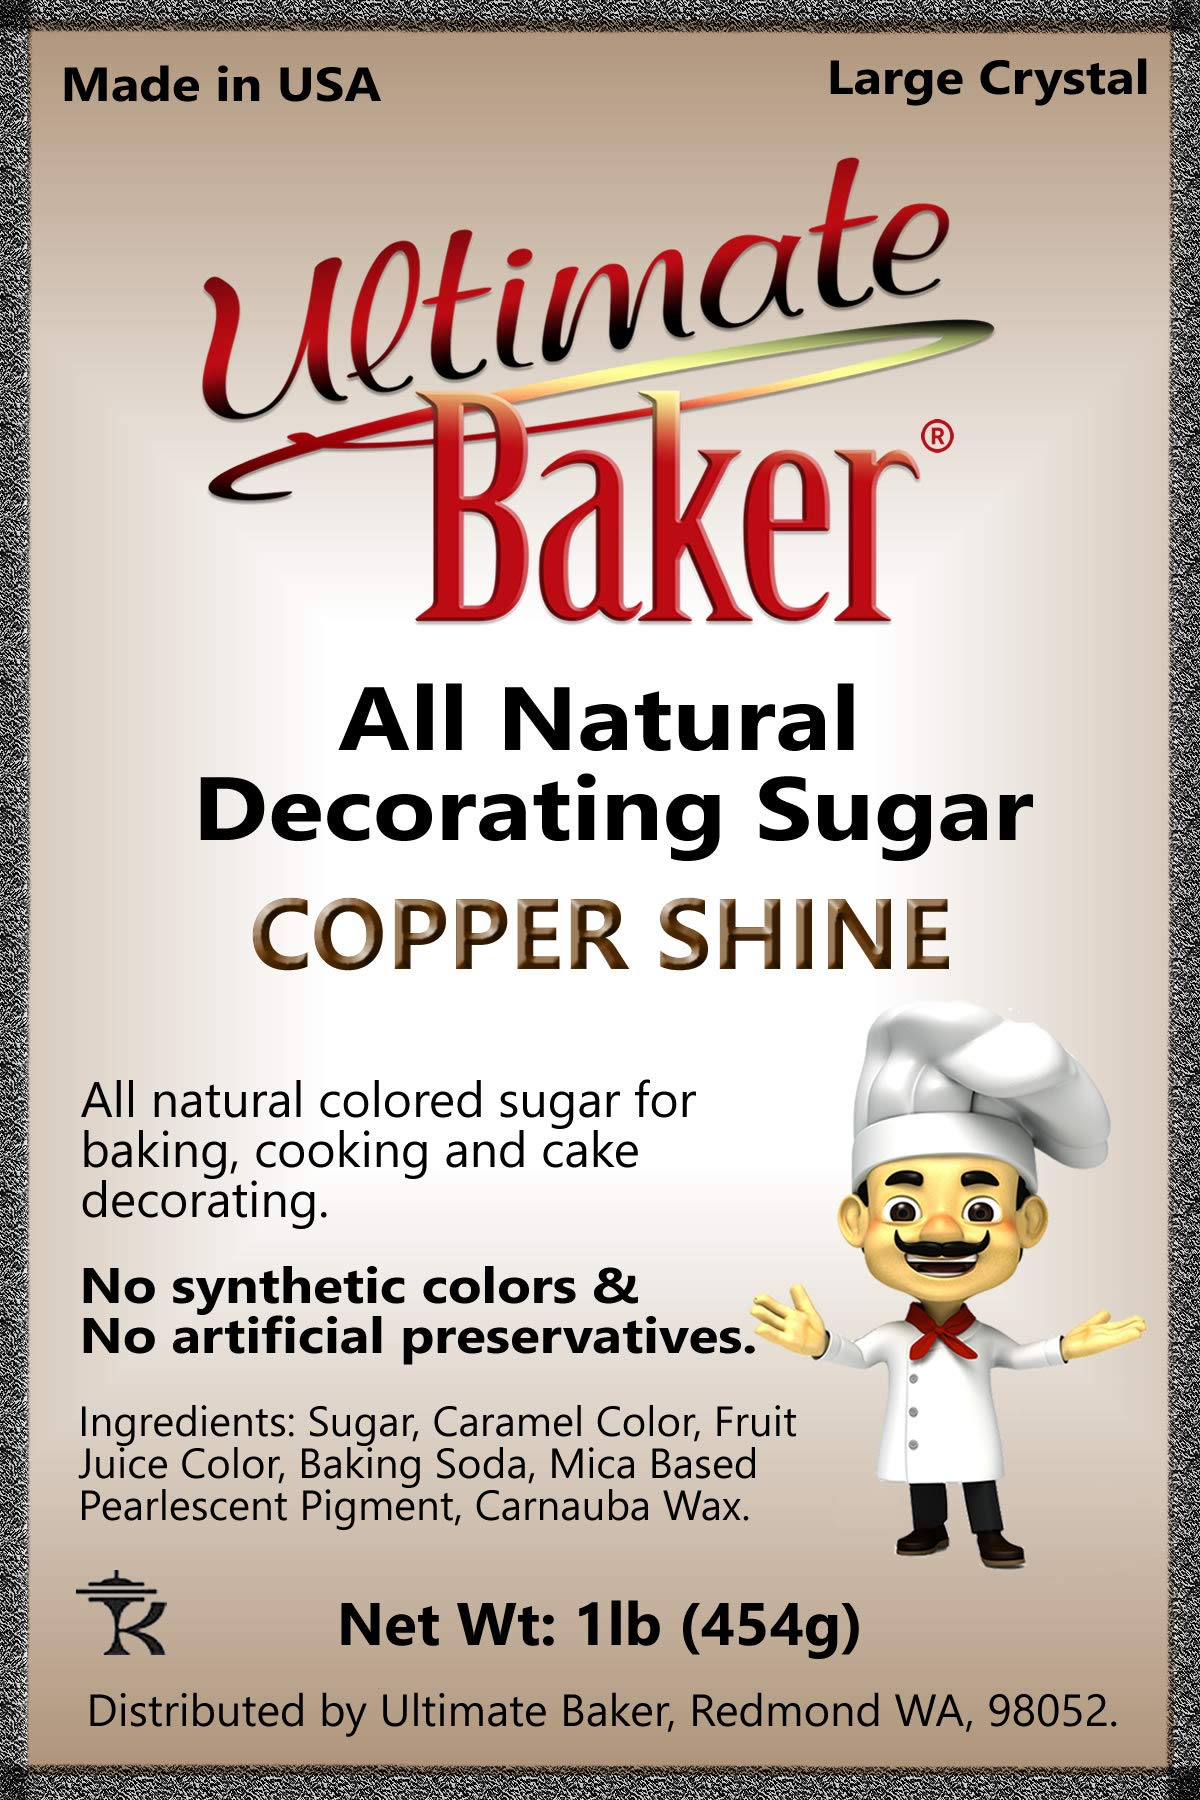 Ultimate Baker Copper Decorating Sugar - Kosher Certified Natural Large Crystal Decorating Sugar (1lb Bag Copper Color Sugar) by Ultimate Baker (Image #5)